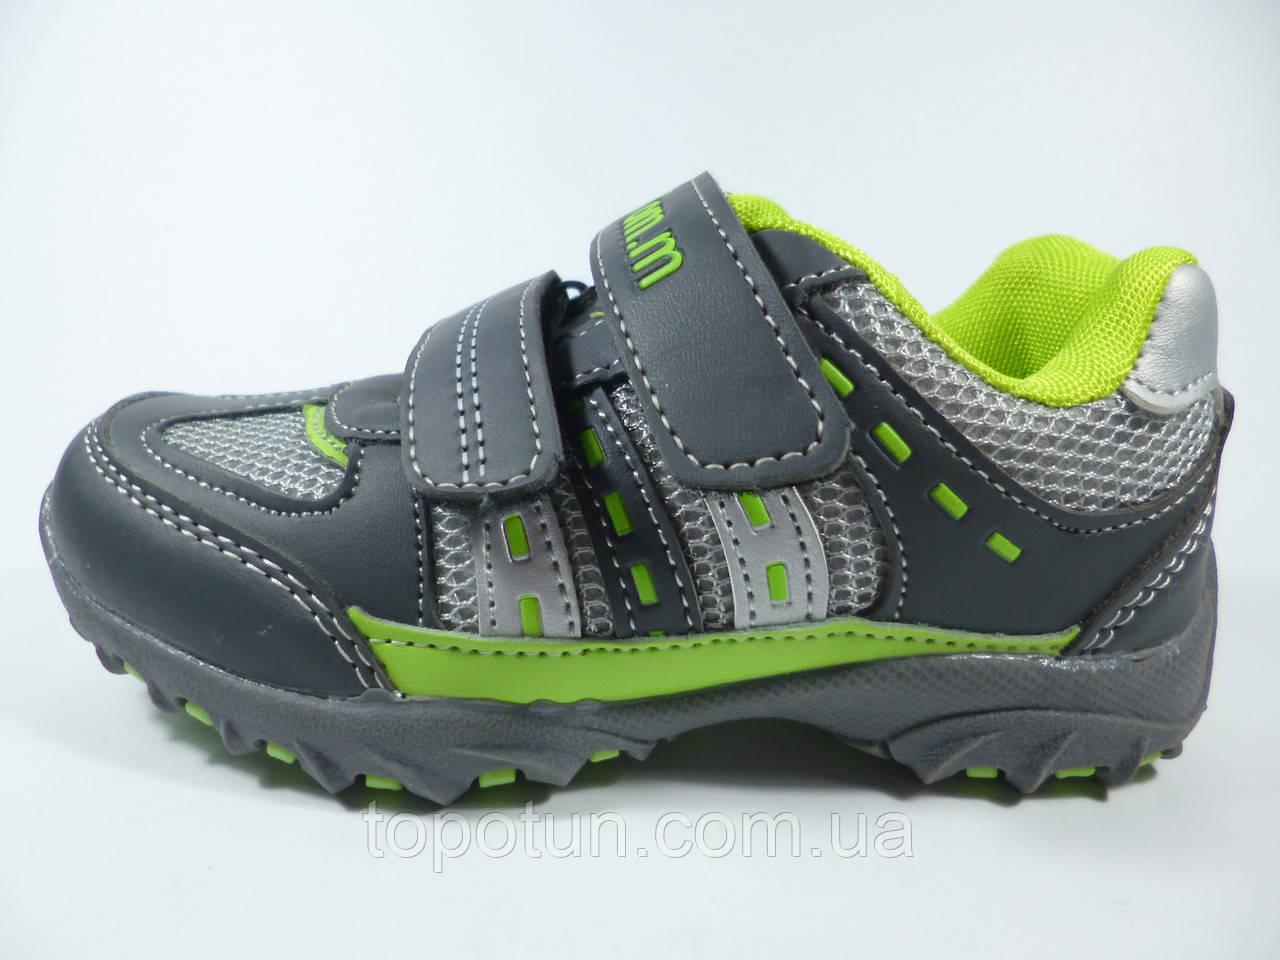 """Детские кроссовки для мальчика """"Tom.m"""" Размер: 26"""